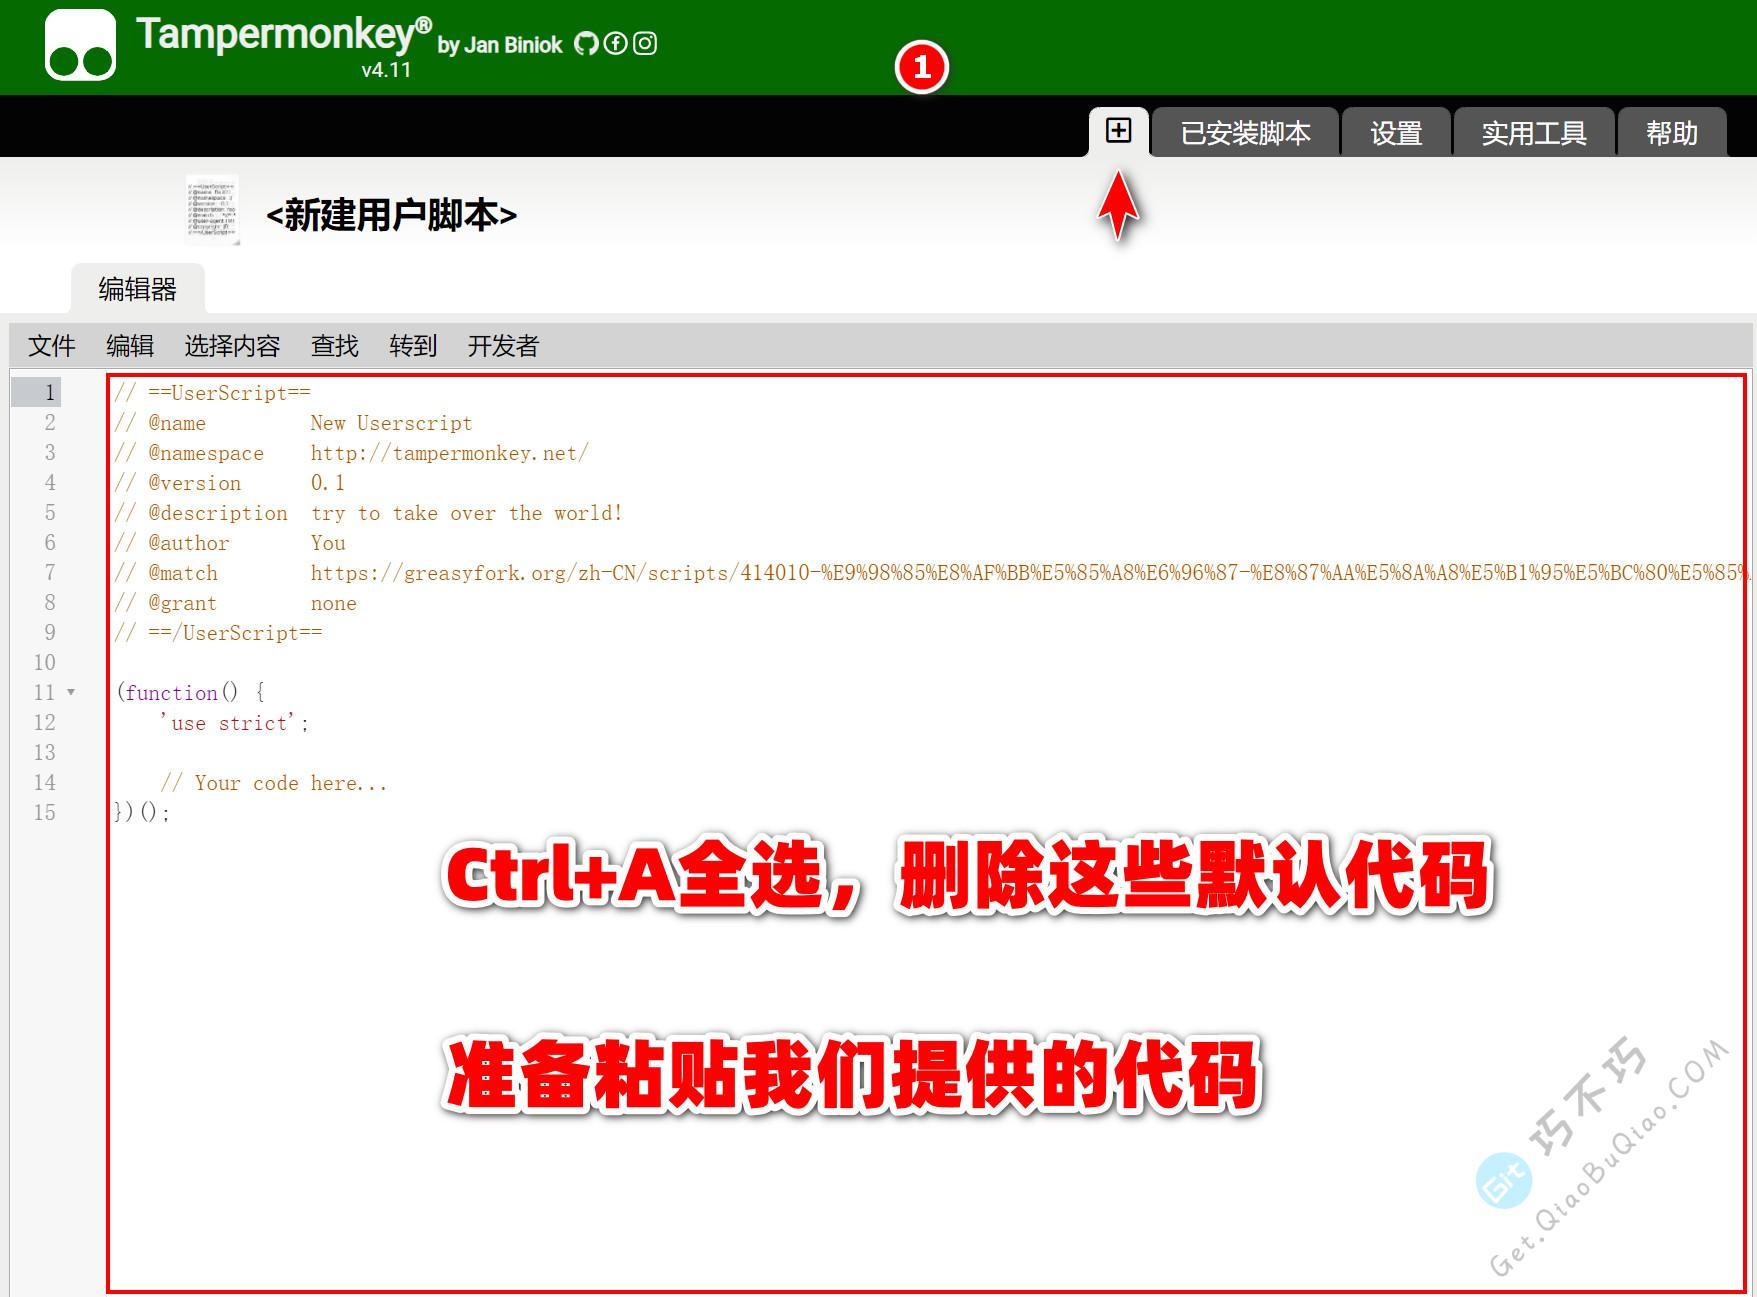 油猴Tampermonkey安装添加脚本的教程,在线脚本和自定义代码